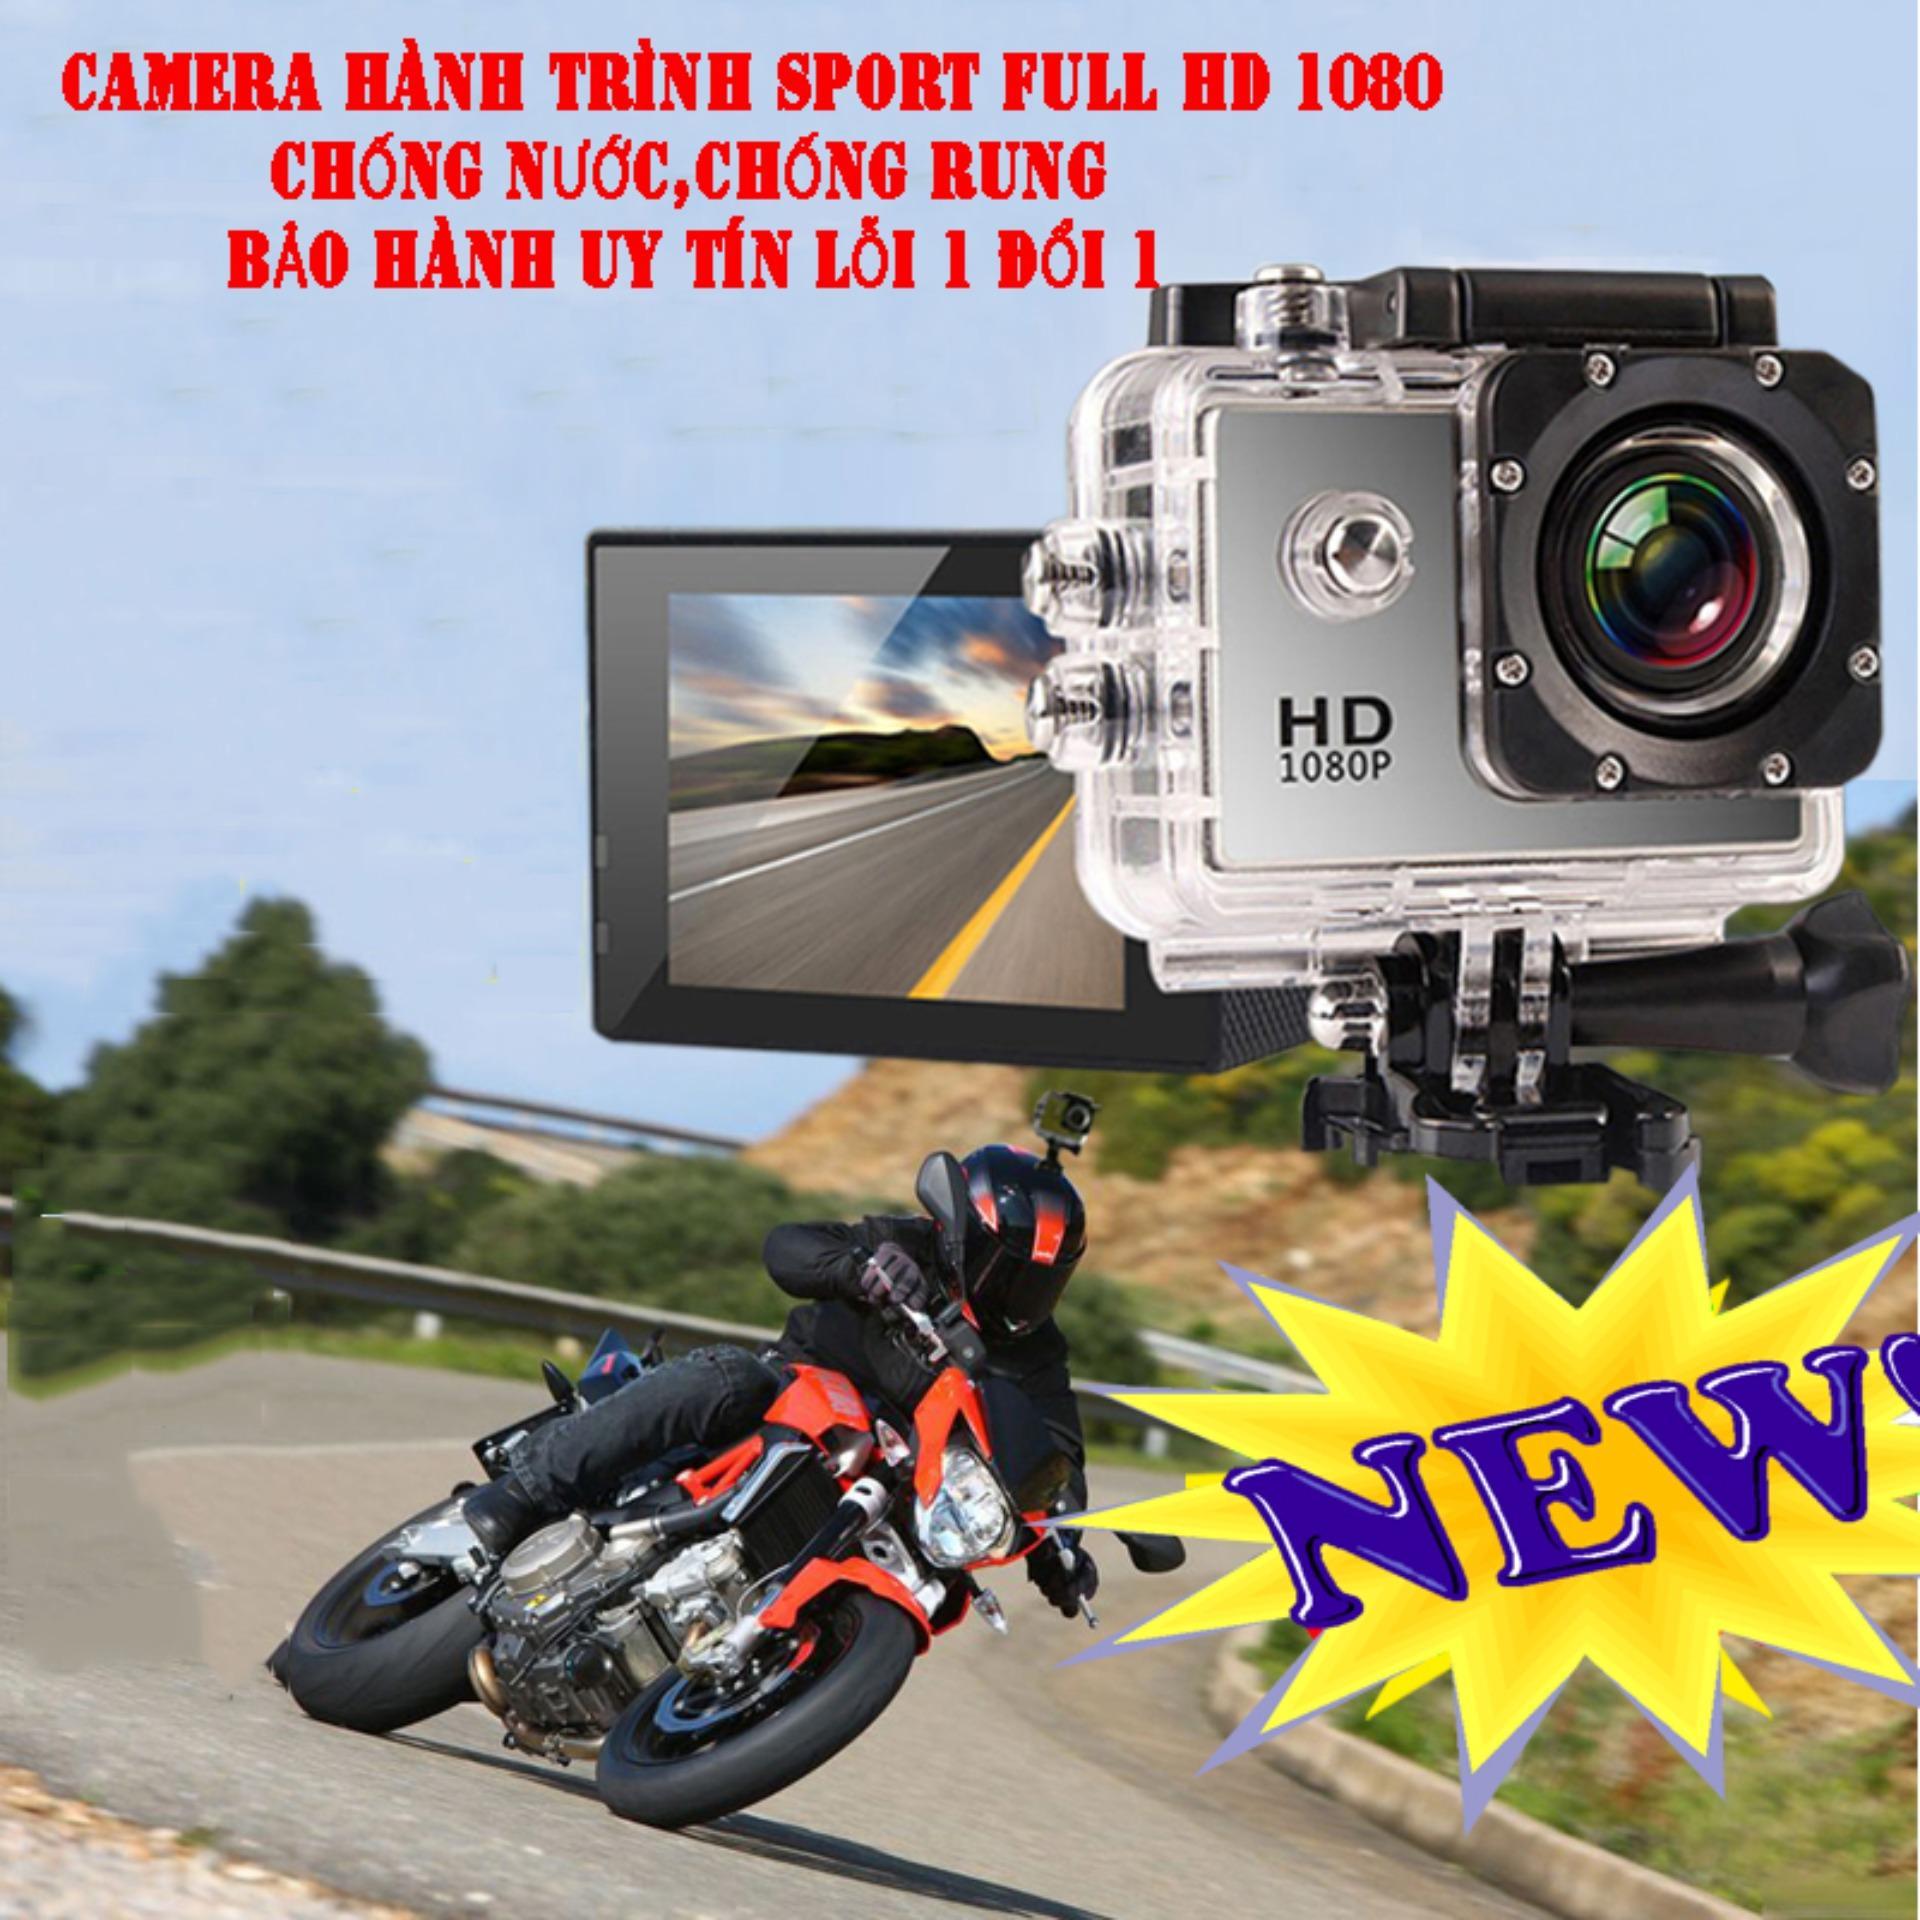 Hình ảnh Camera Hanh Trinh Tren Xe May, Mua Ngay Camera Hành Trình Sport Full Hd 1080 cao cấp, Chống Bụi Chống Nước Tốt, BH uy tín 1 đổi 1